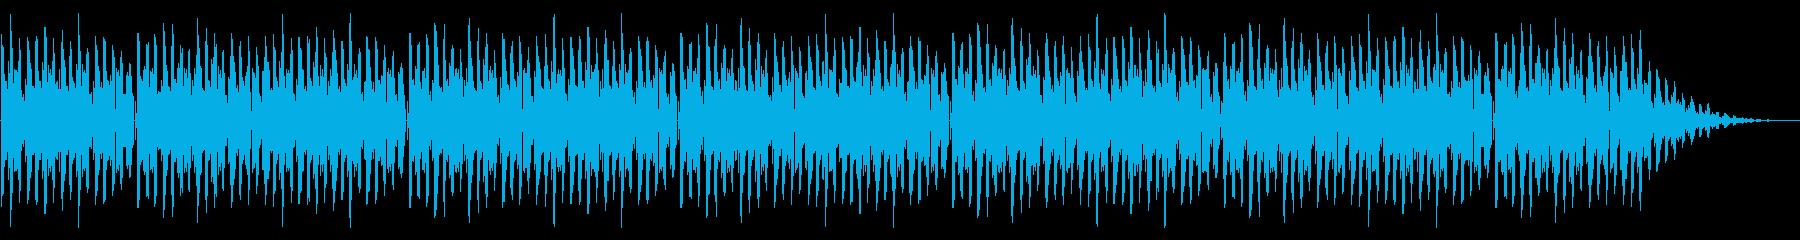 GB風対戦格闘ゲームのストーリー曲の再生済みの波形